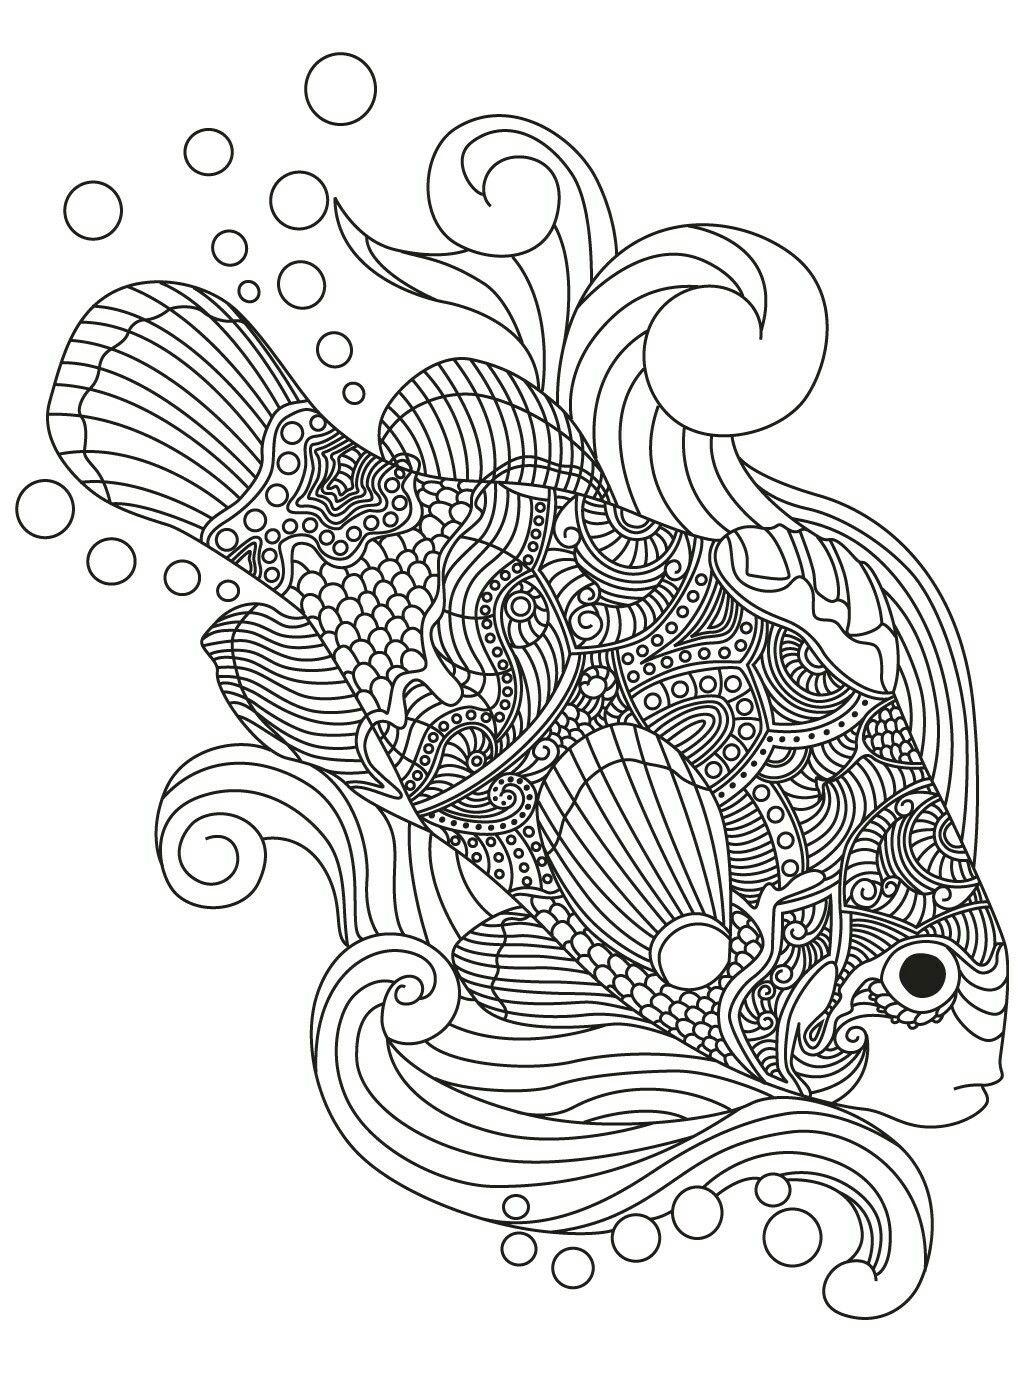 Epingle Par Marischka Korepina Sur Coloring Pages Coloriage Poisson Coloriage Dessin Poisson